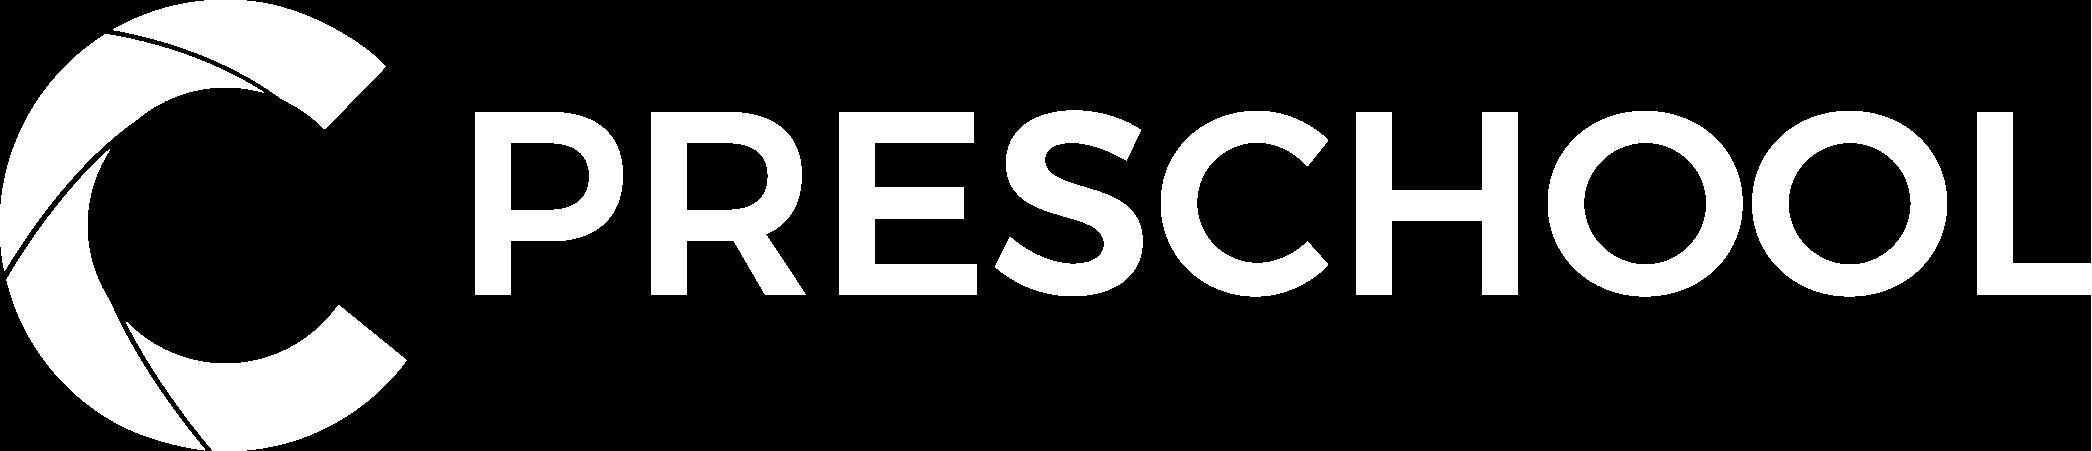 C Preschool Logo_White.png